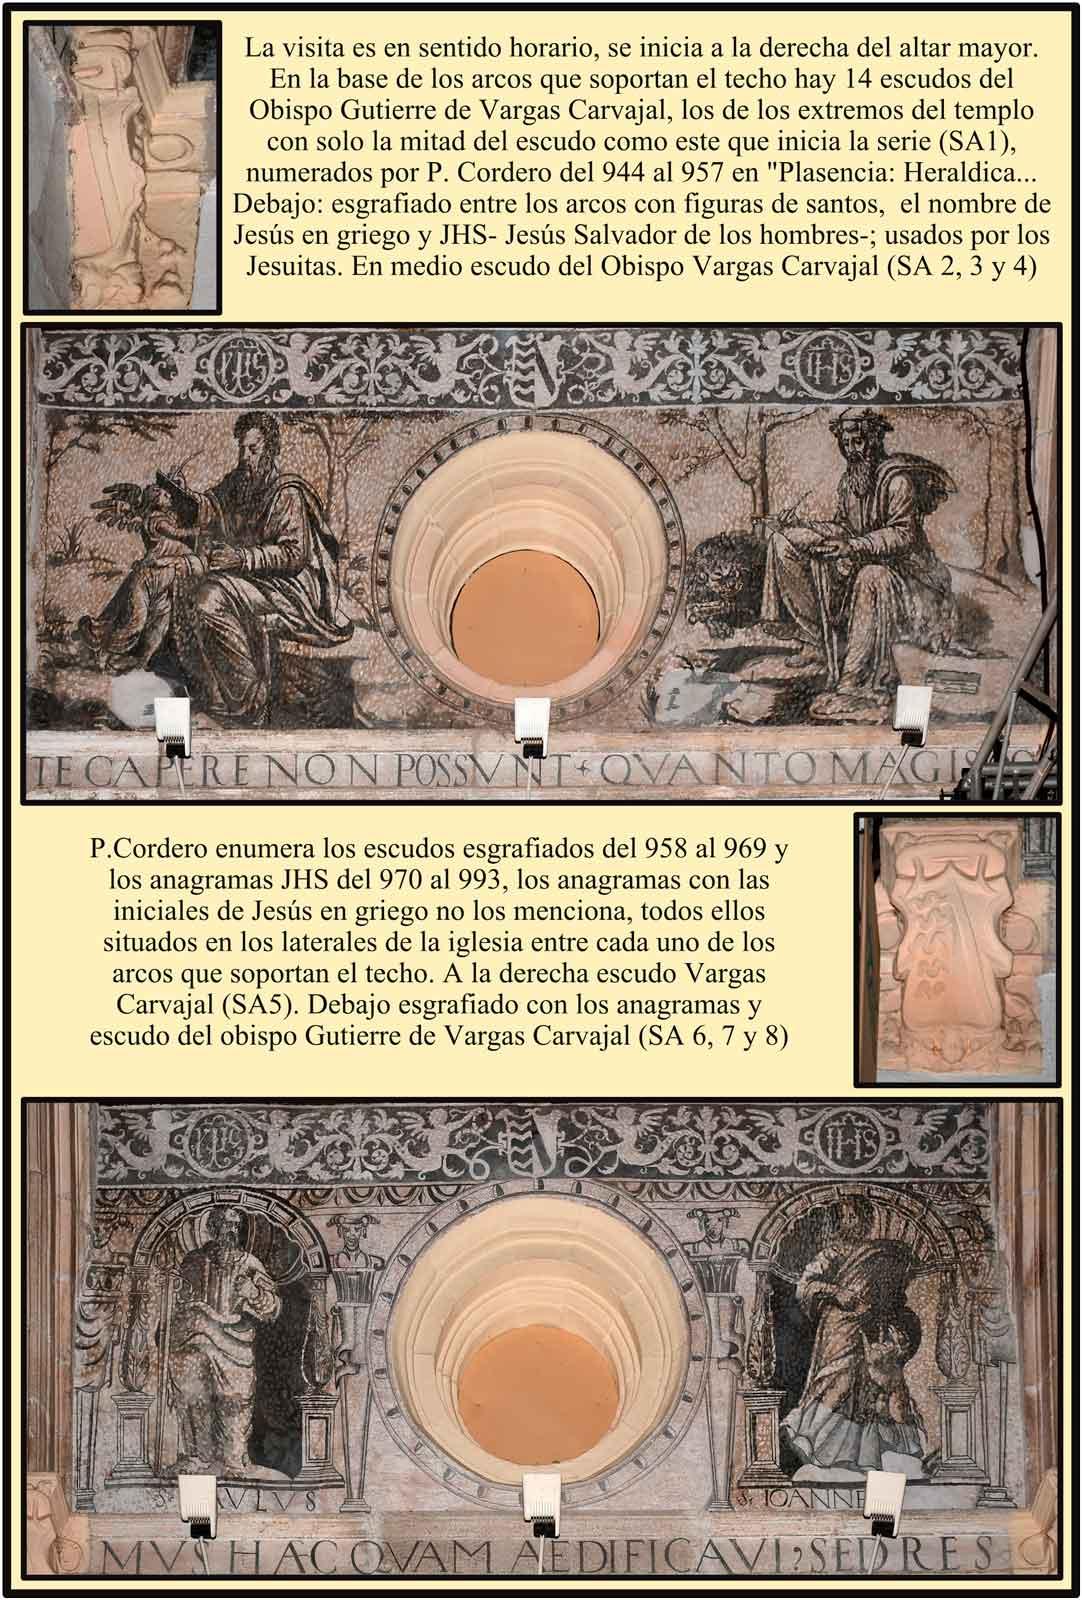 Convento de los Jesuitas Escudos y anagramas en la base de los arcos de la Iglesia de Santa Ana